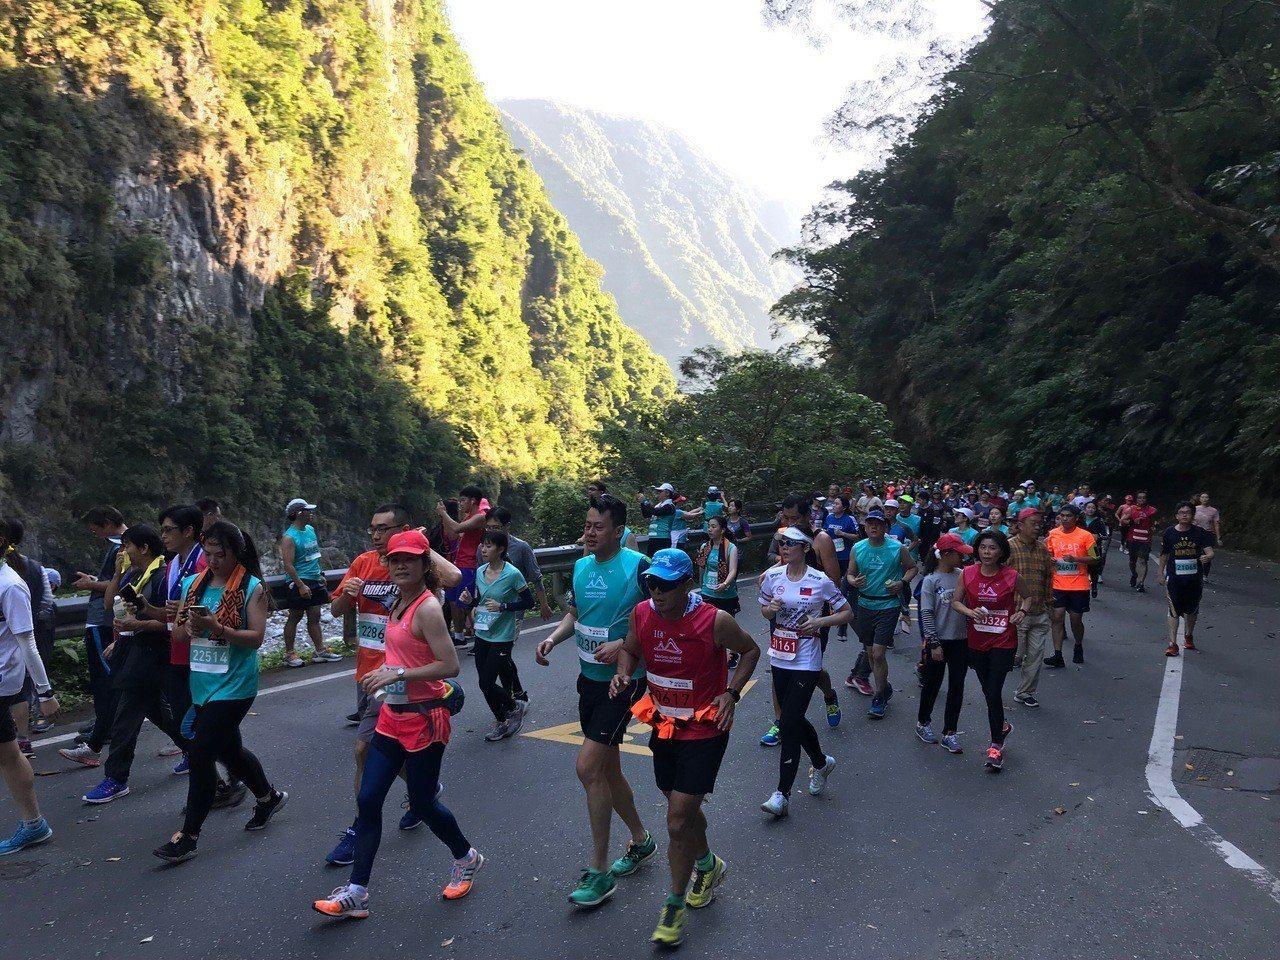 花蓮太魯閣馬拉松有全台最美賽道美譽,每年吸引大批跑友報名。圖/報系資料照片